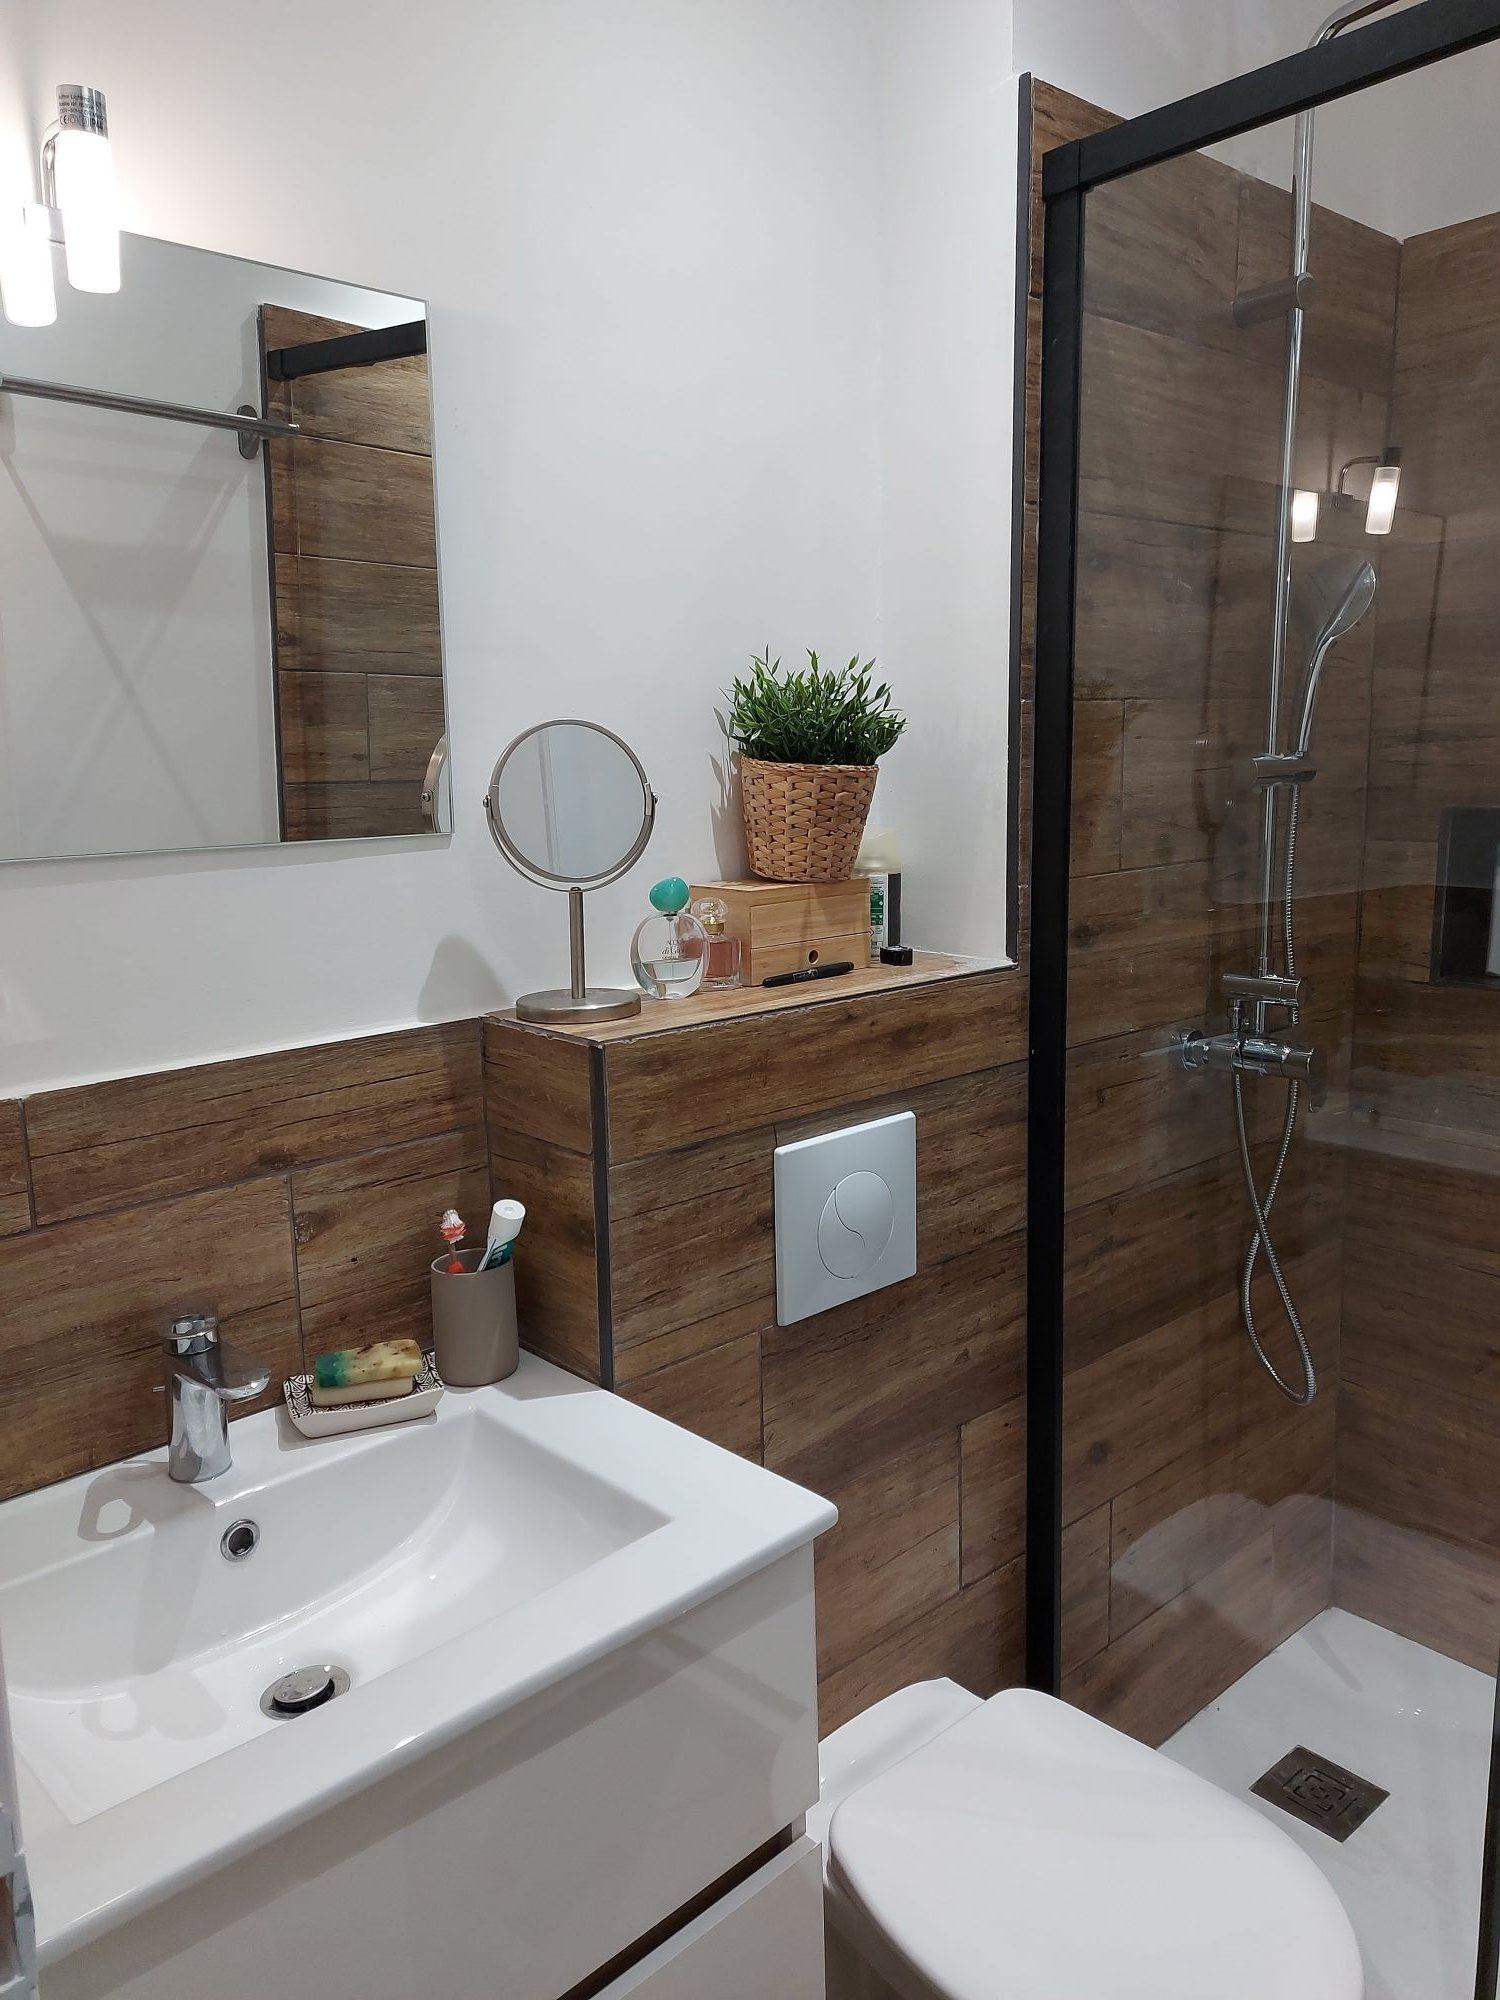 APRES - salle de bain pgcenora